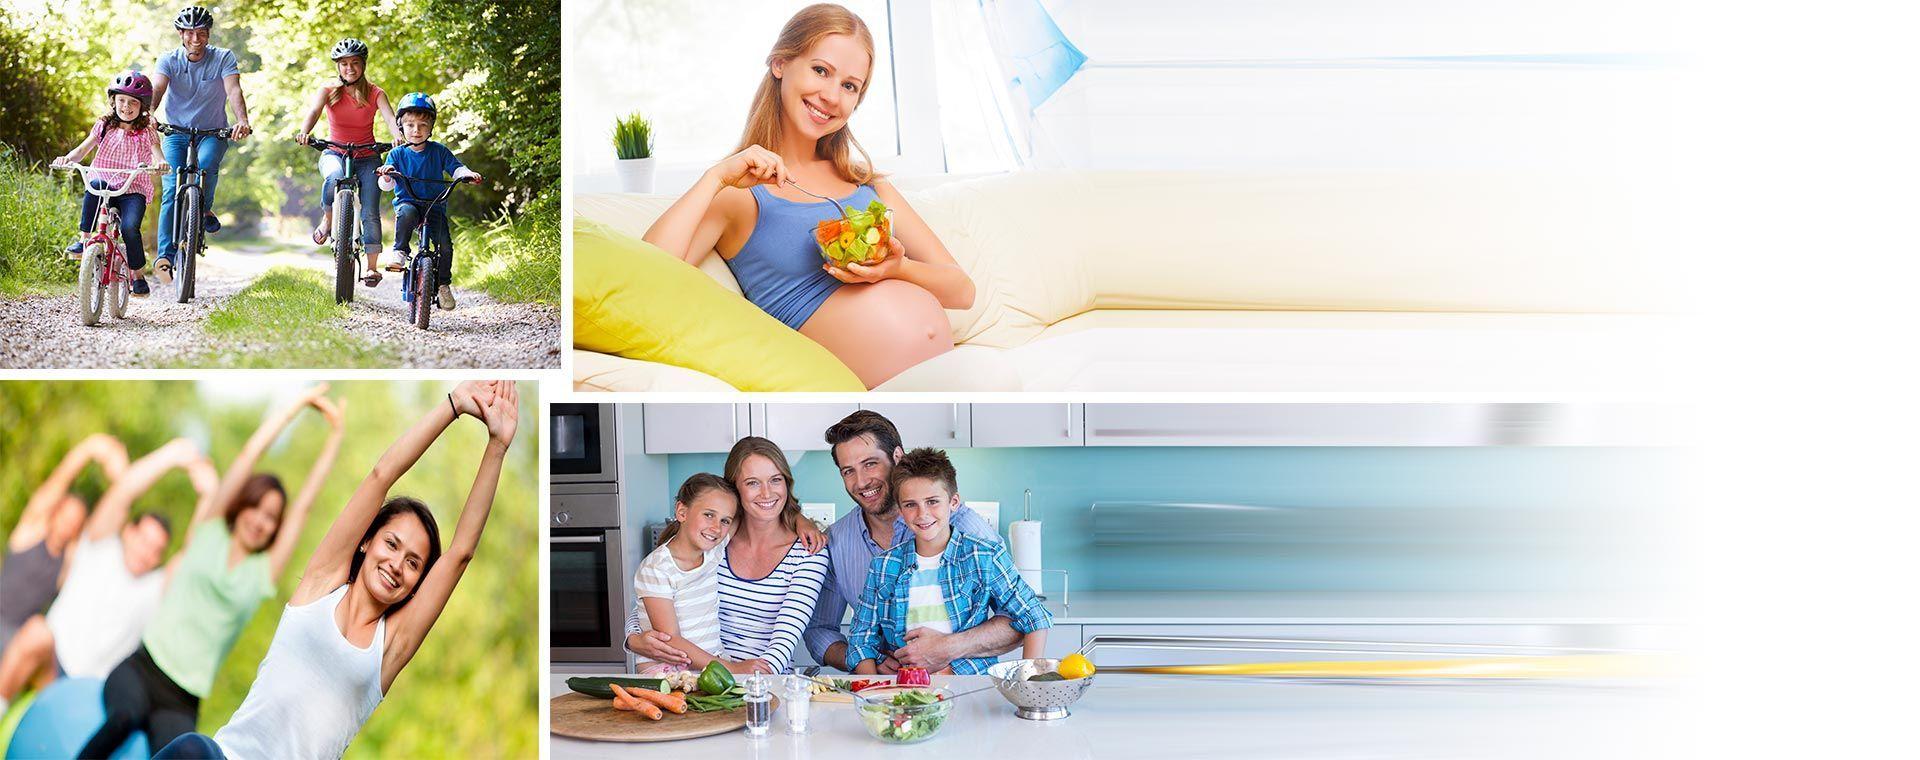 Habito de vida saludable para la familia